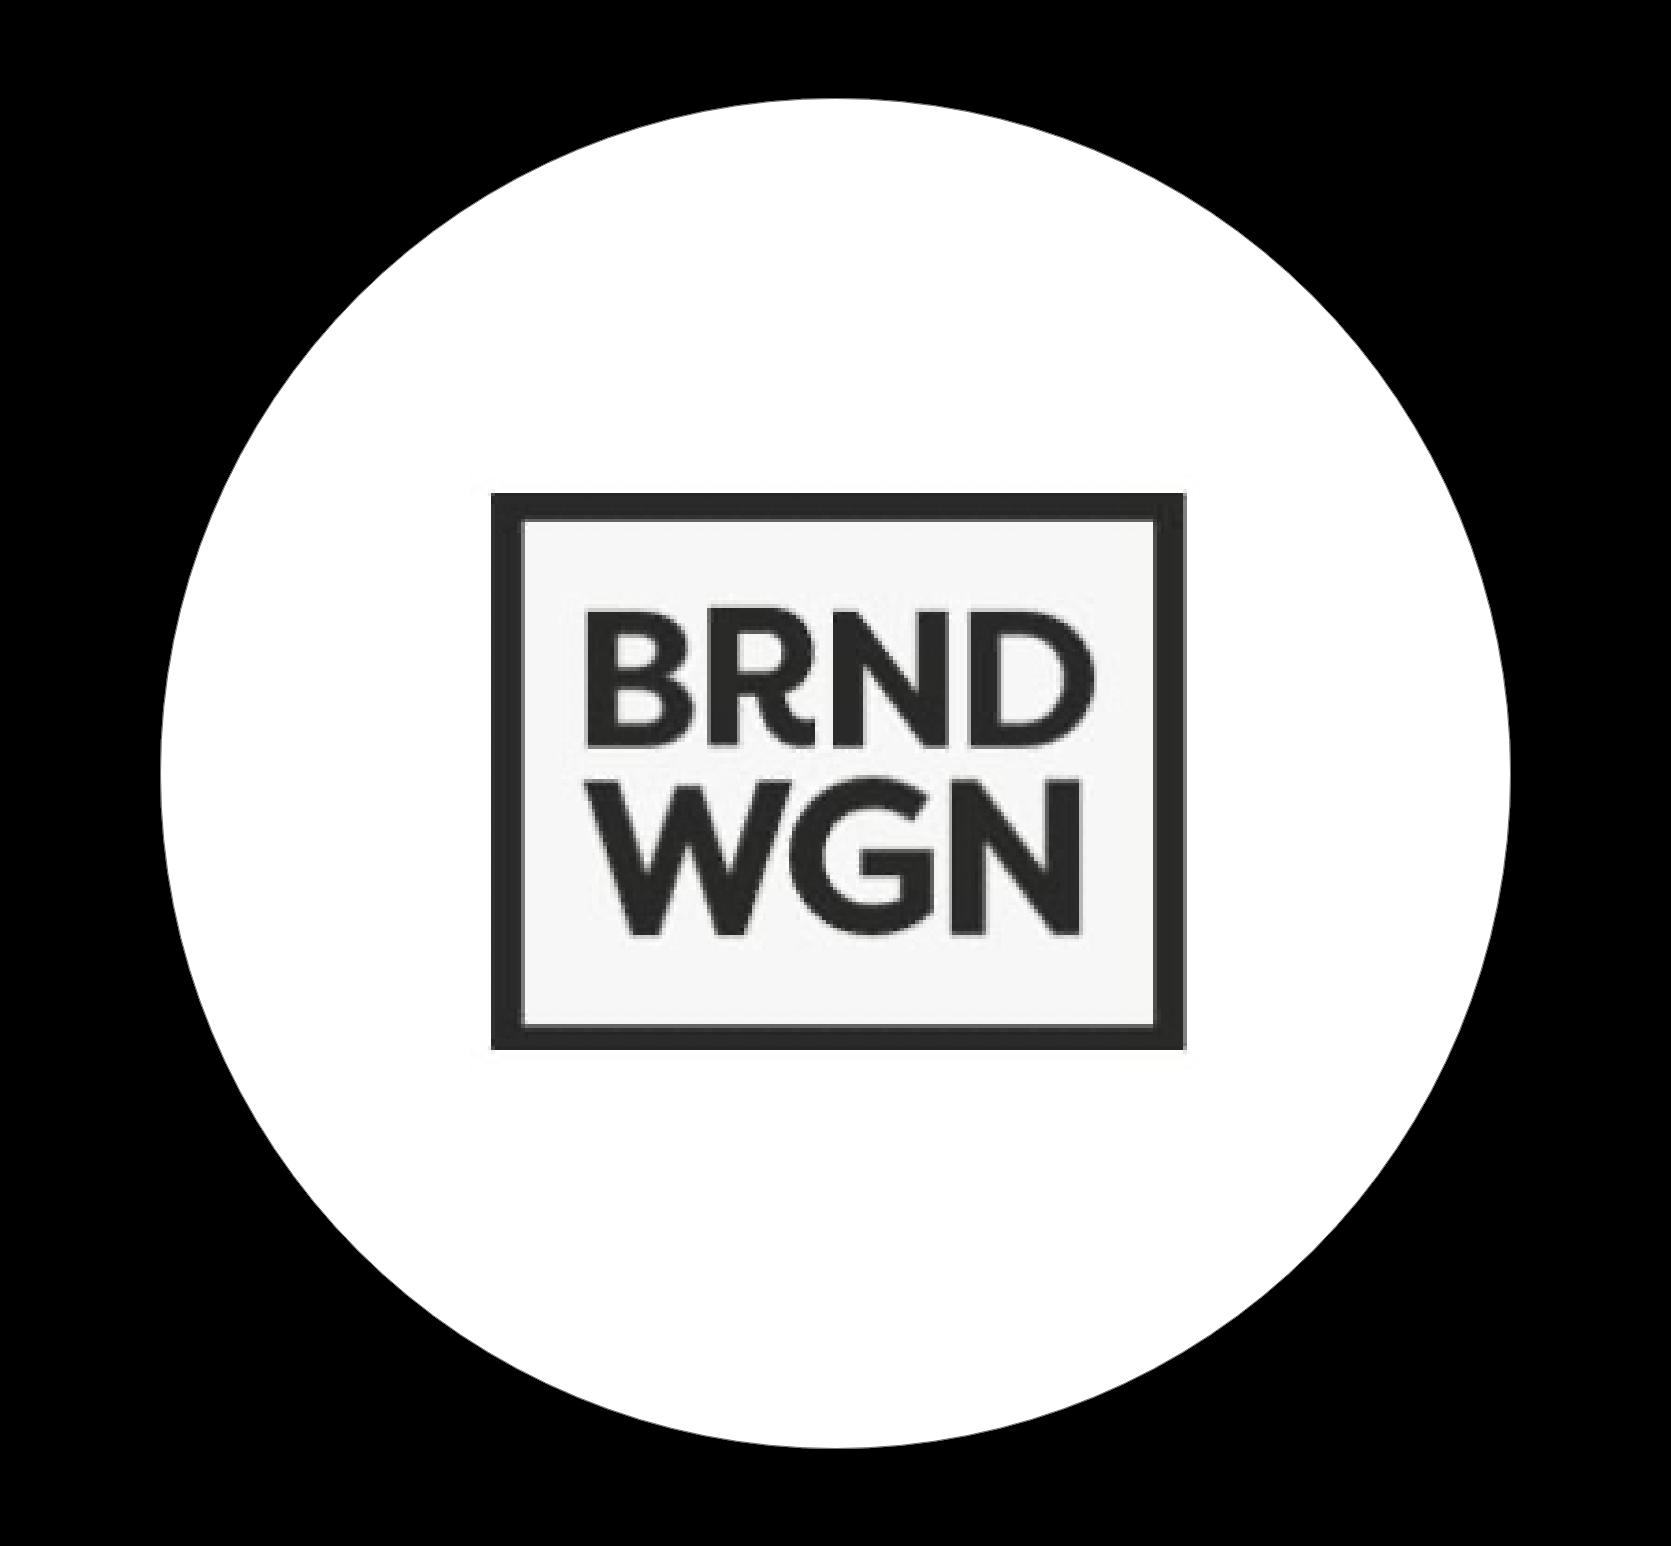 brnd-wgn-logo